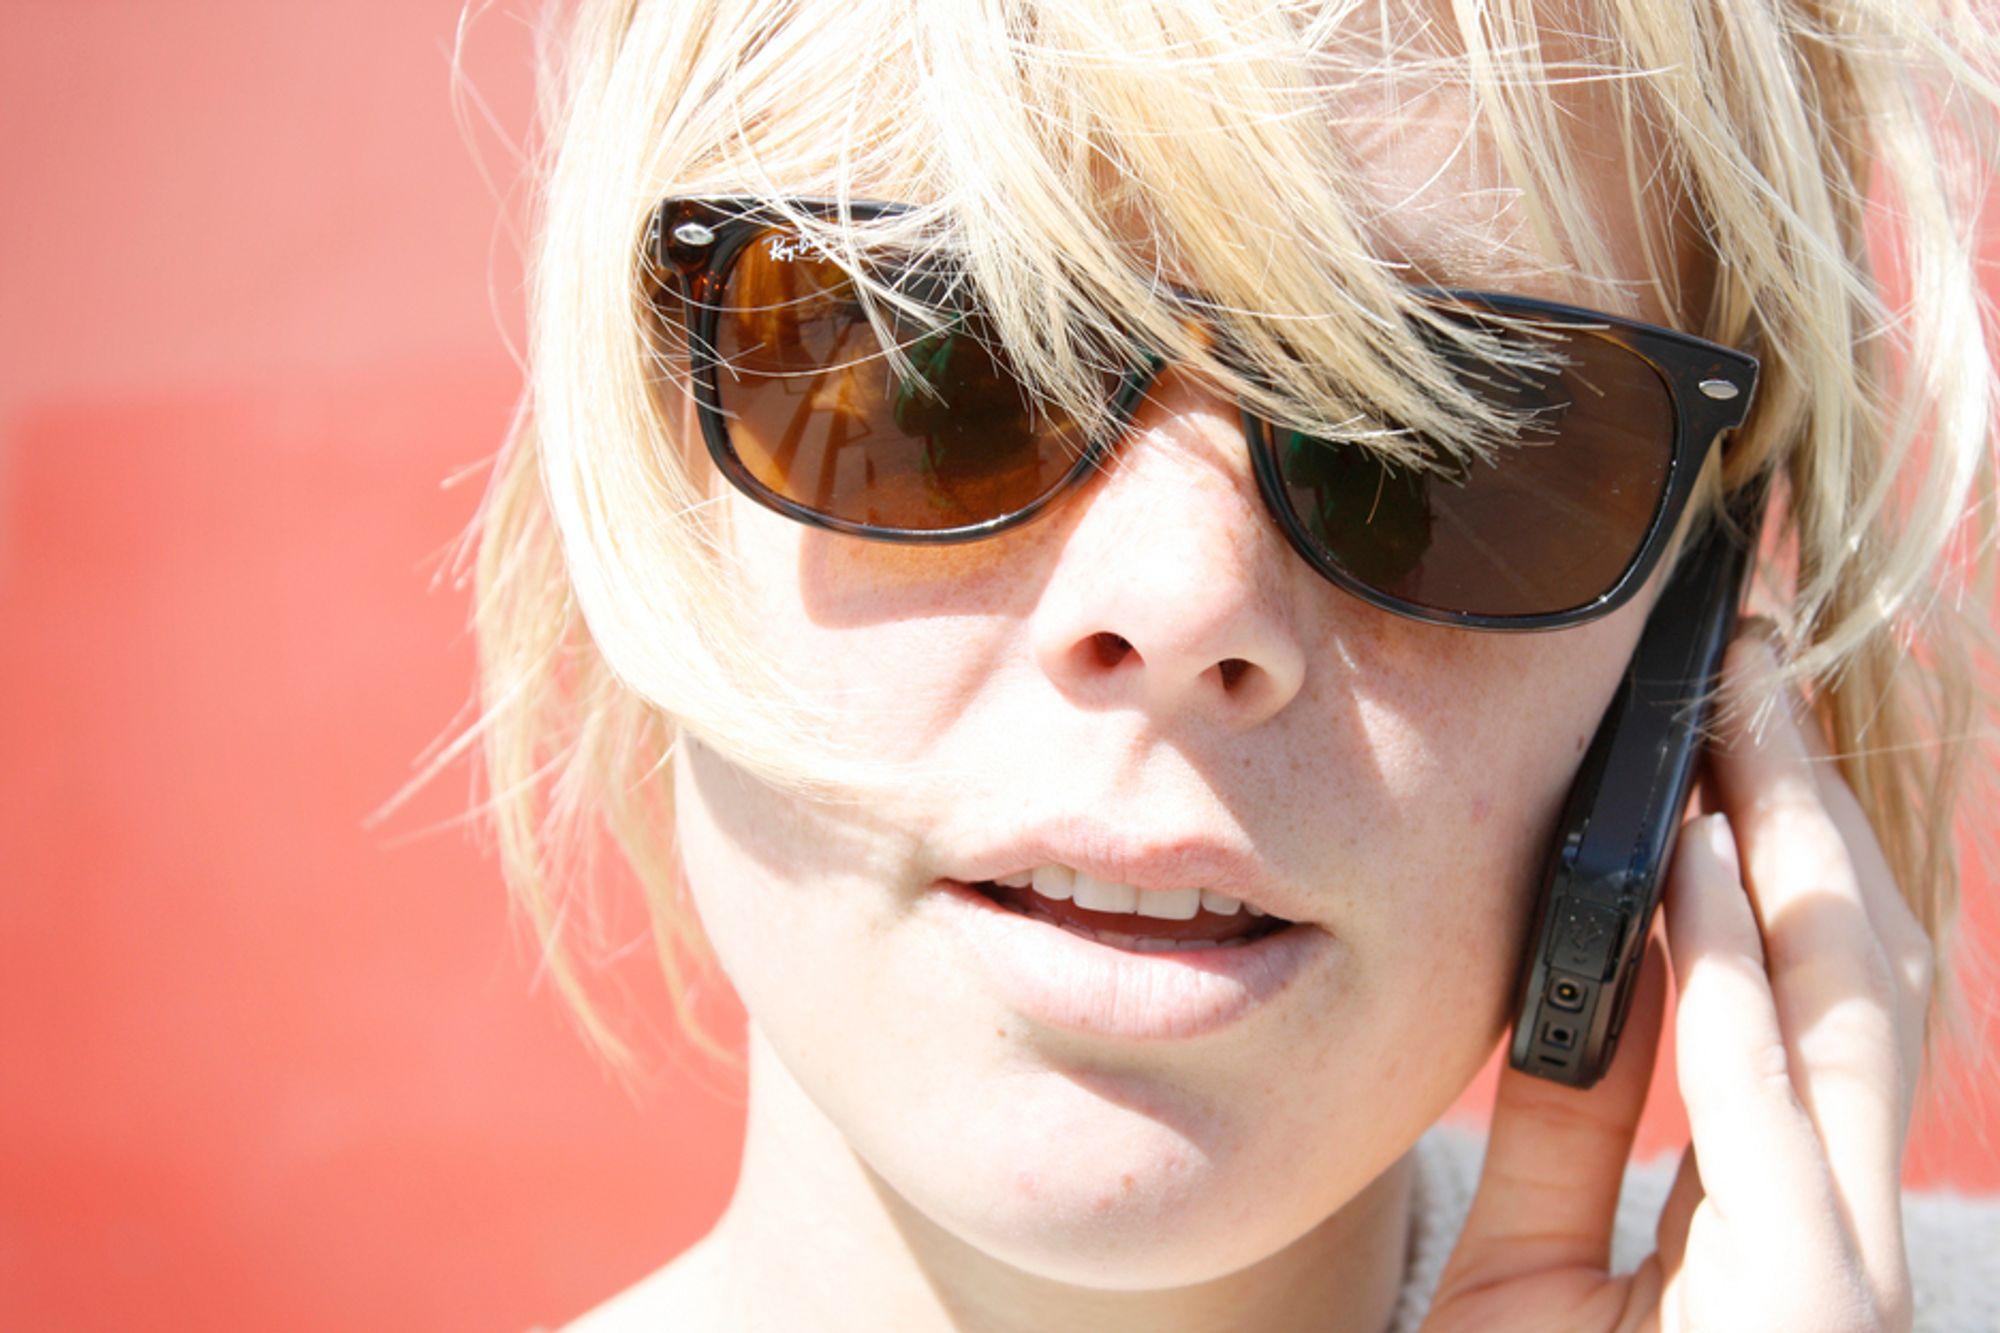 STRÅLING: Mange mobiltelefoner har høy stråling, mens det finnes noen som er godt skjermet. Nå kan du enkelt sjekke hvilke som er best.